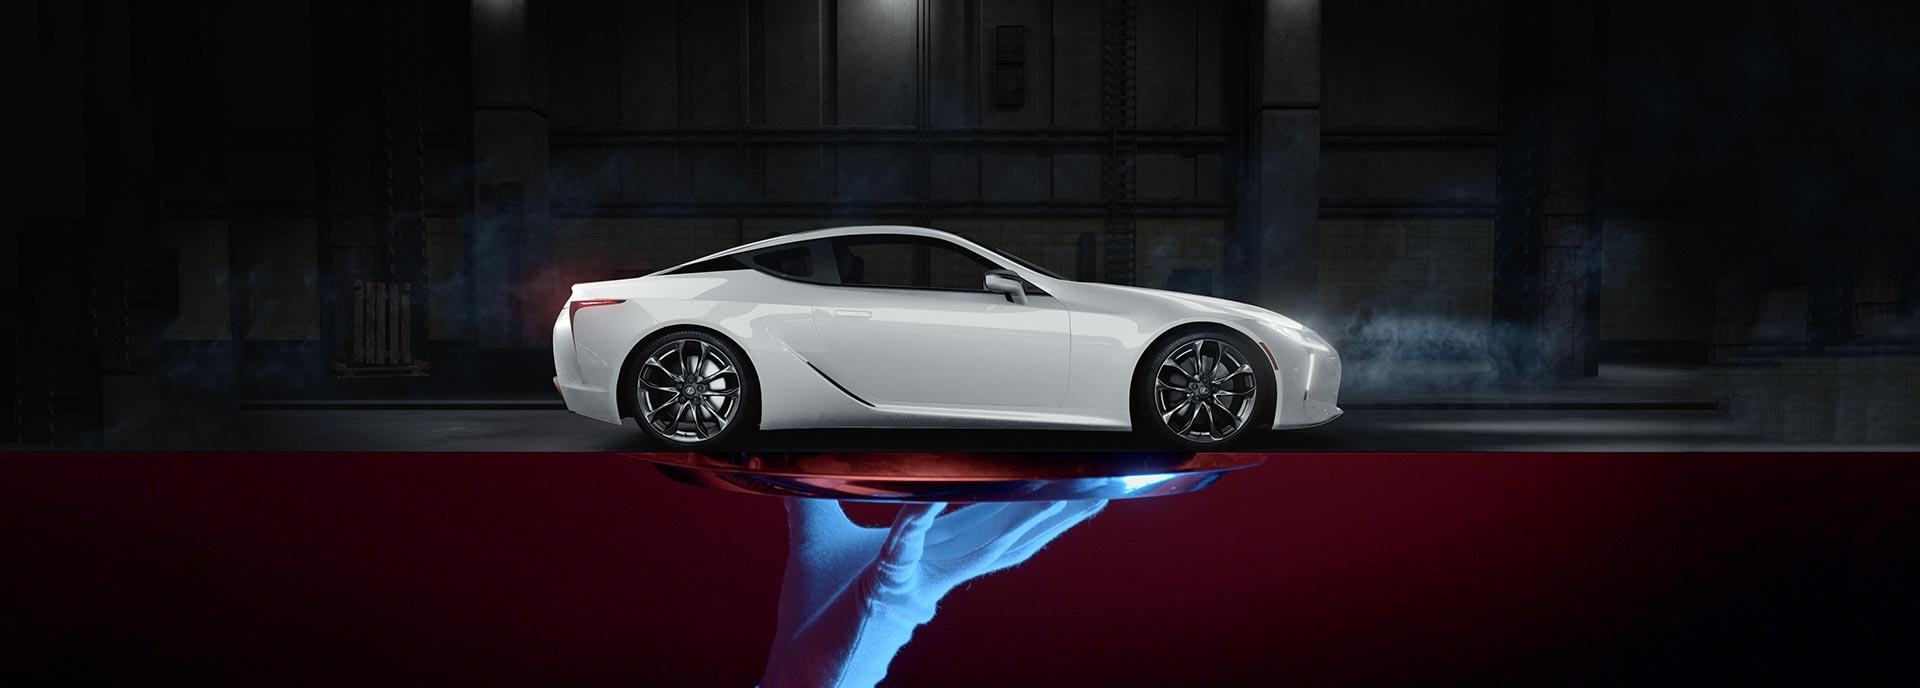 De zijkant van een witte Lexus LC 500